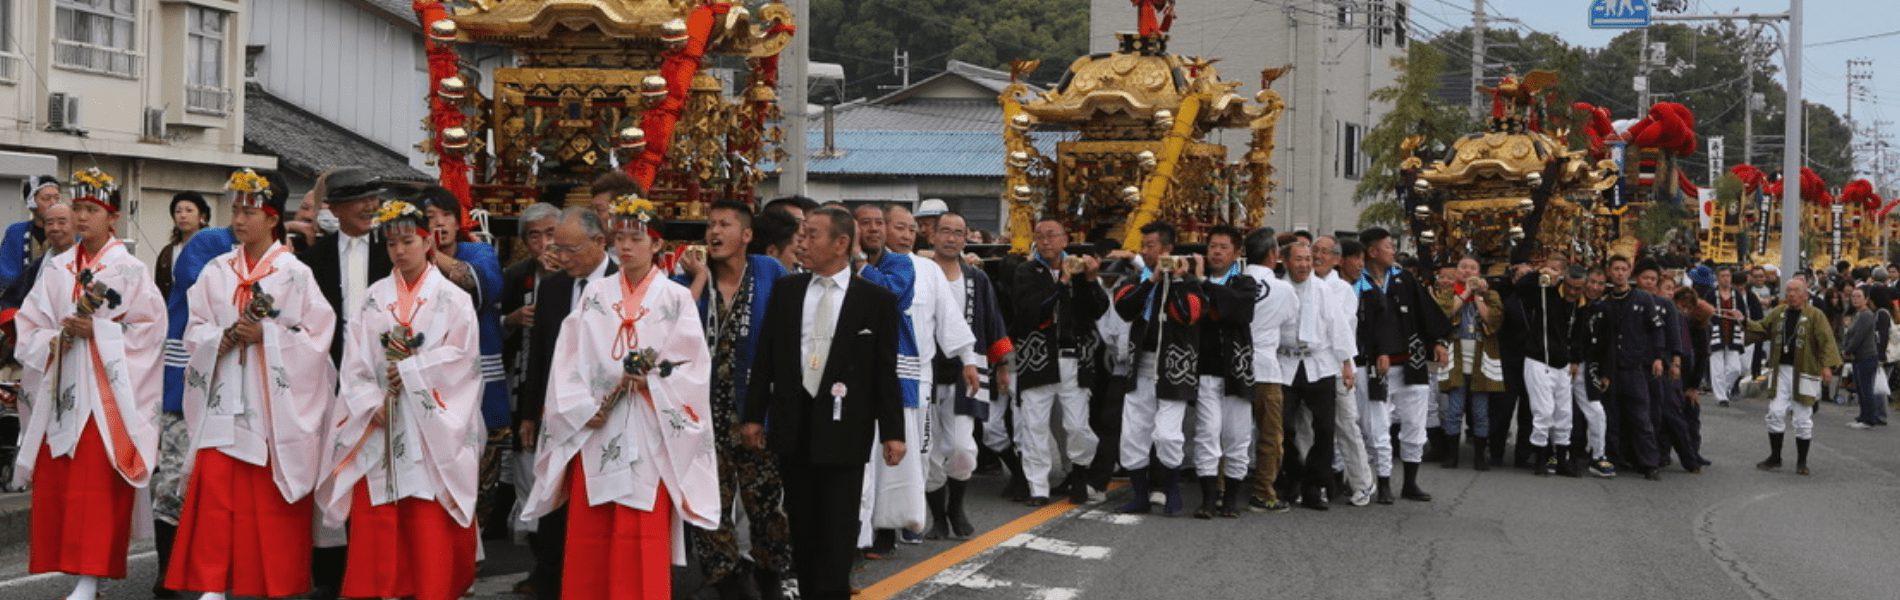 伊予三島秋祭実行委員会3